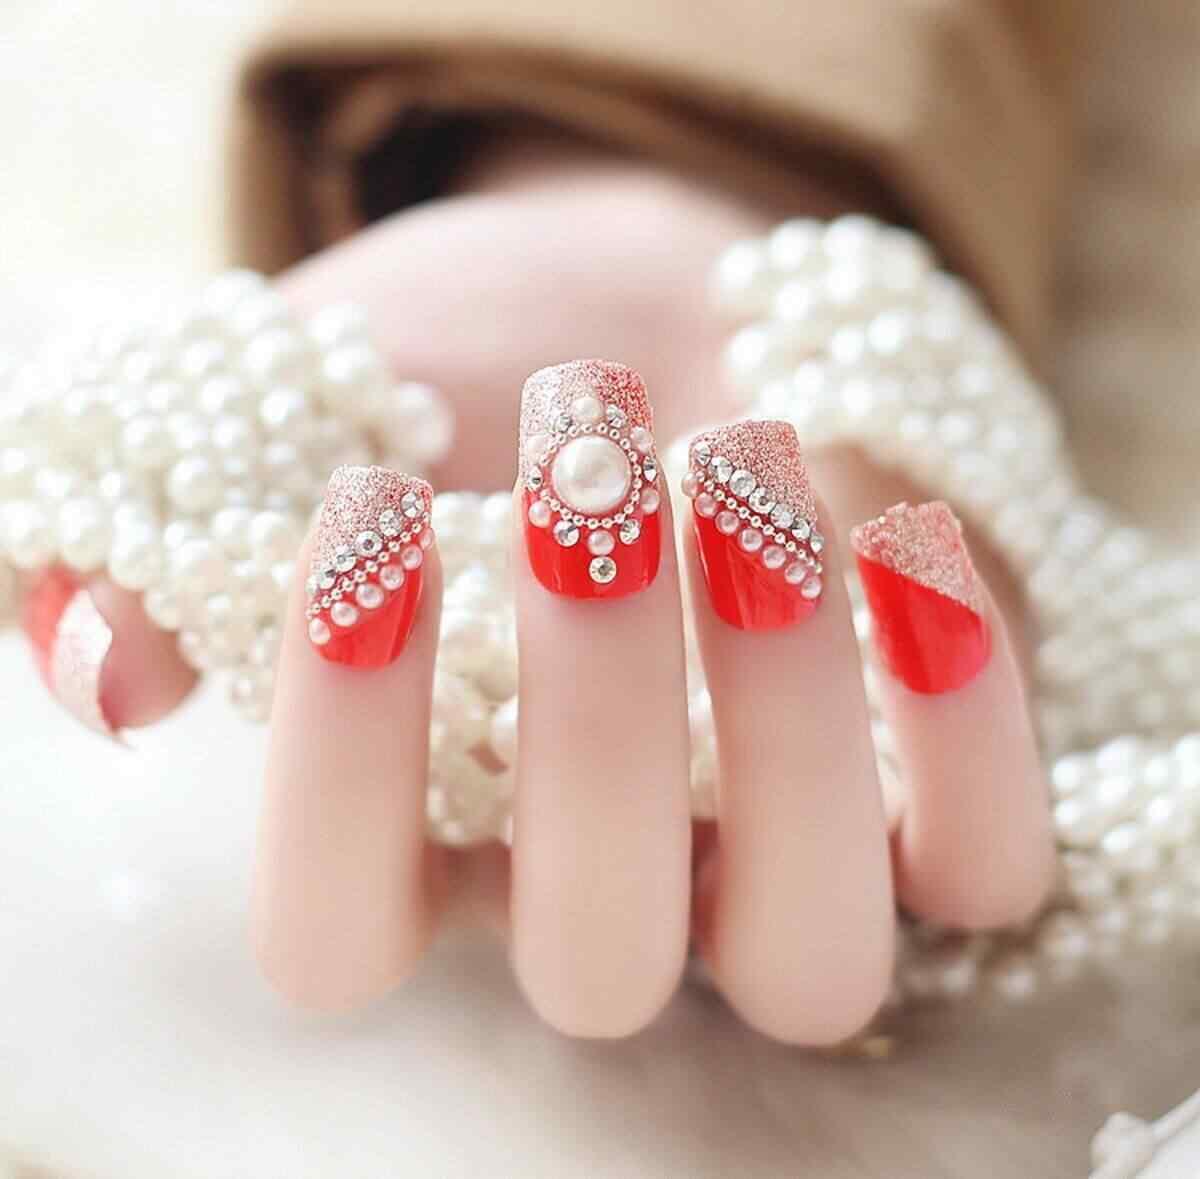 Este diseño de uñas con piedras y base roja me encanta